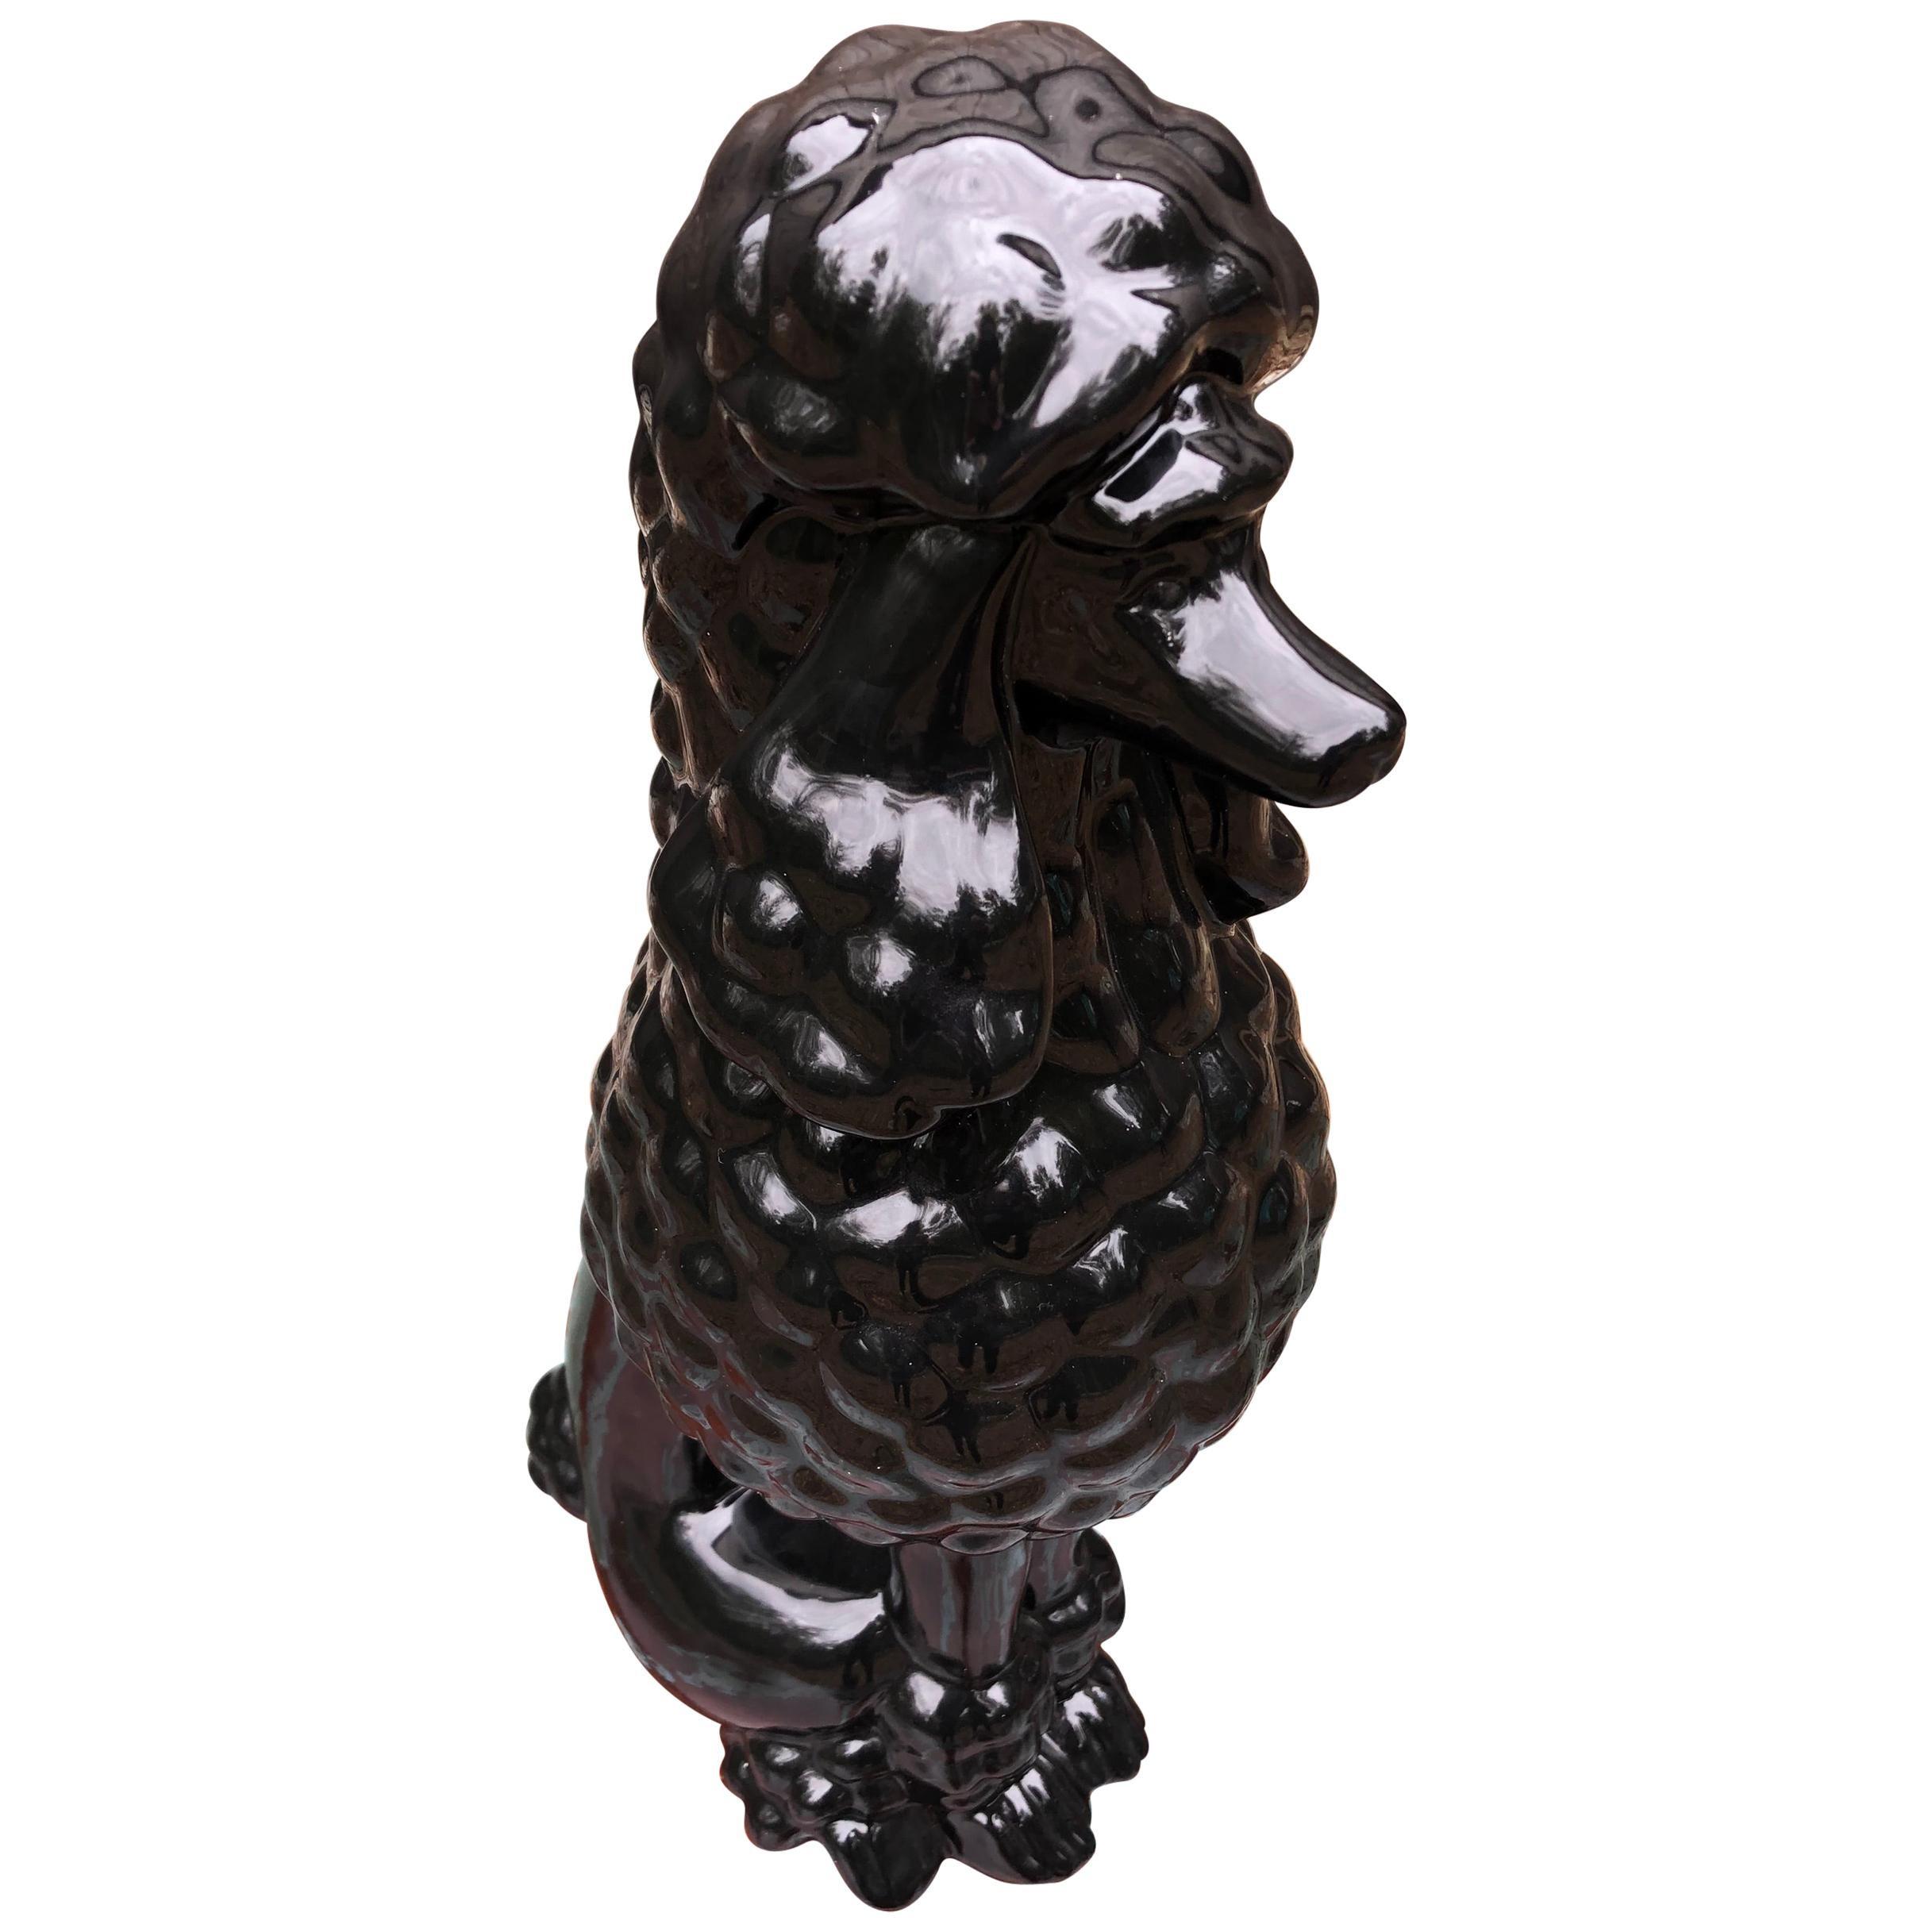 Darling Large Black Porcelain Poodle Sculpture